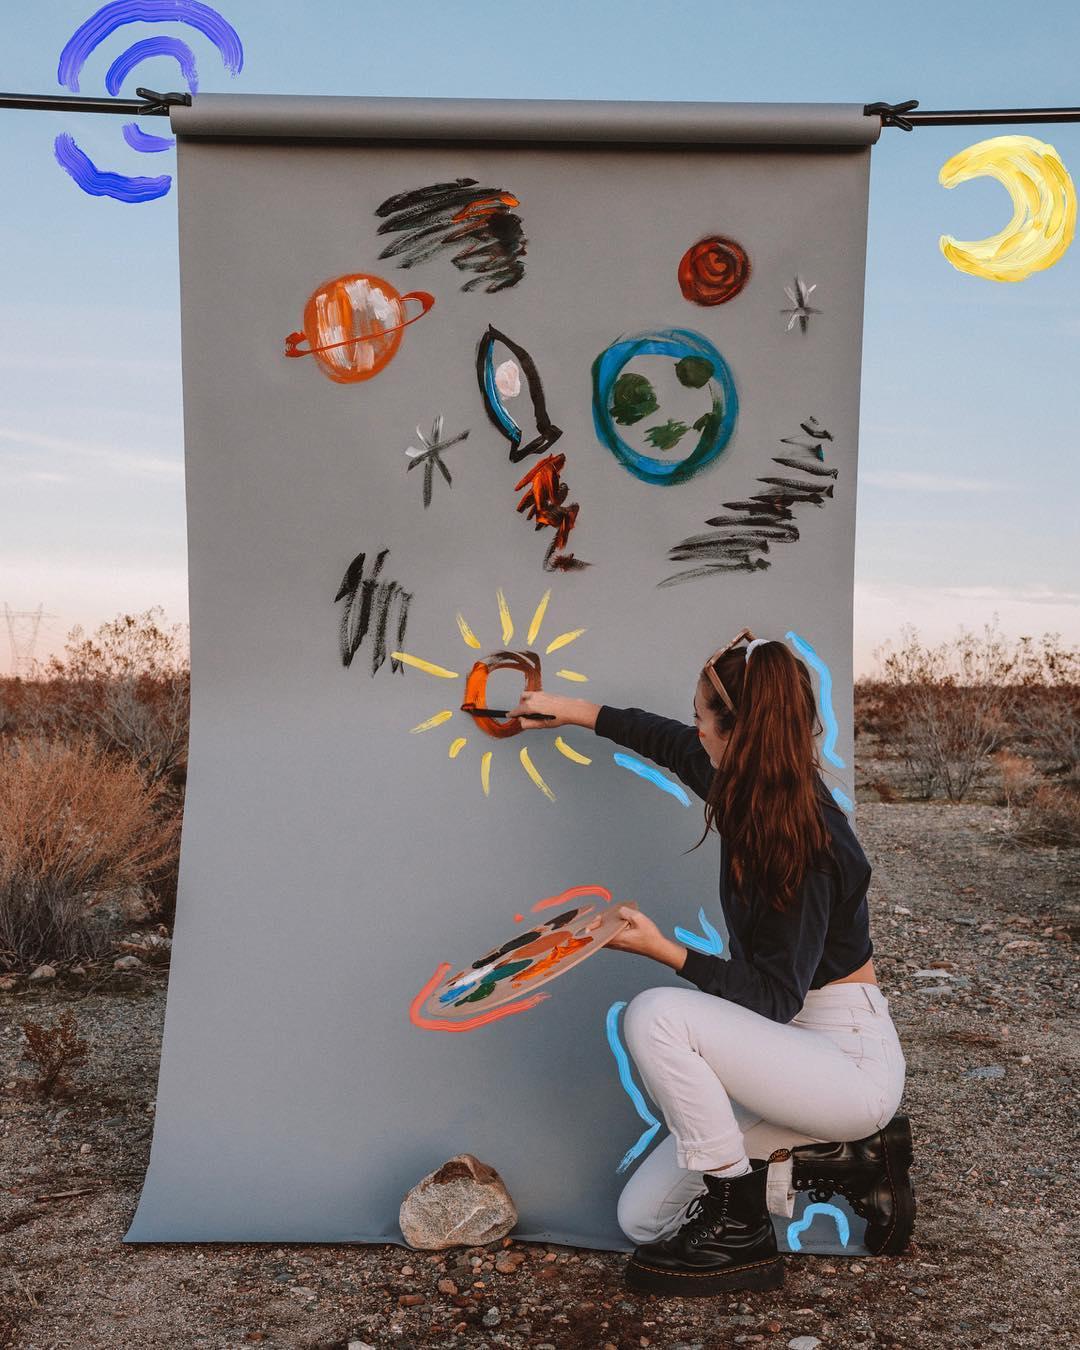 artsy aesthetic cô gái vẽ tranh giữa đồng